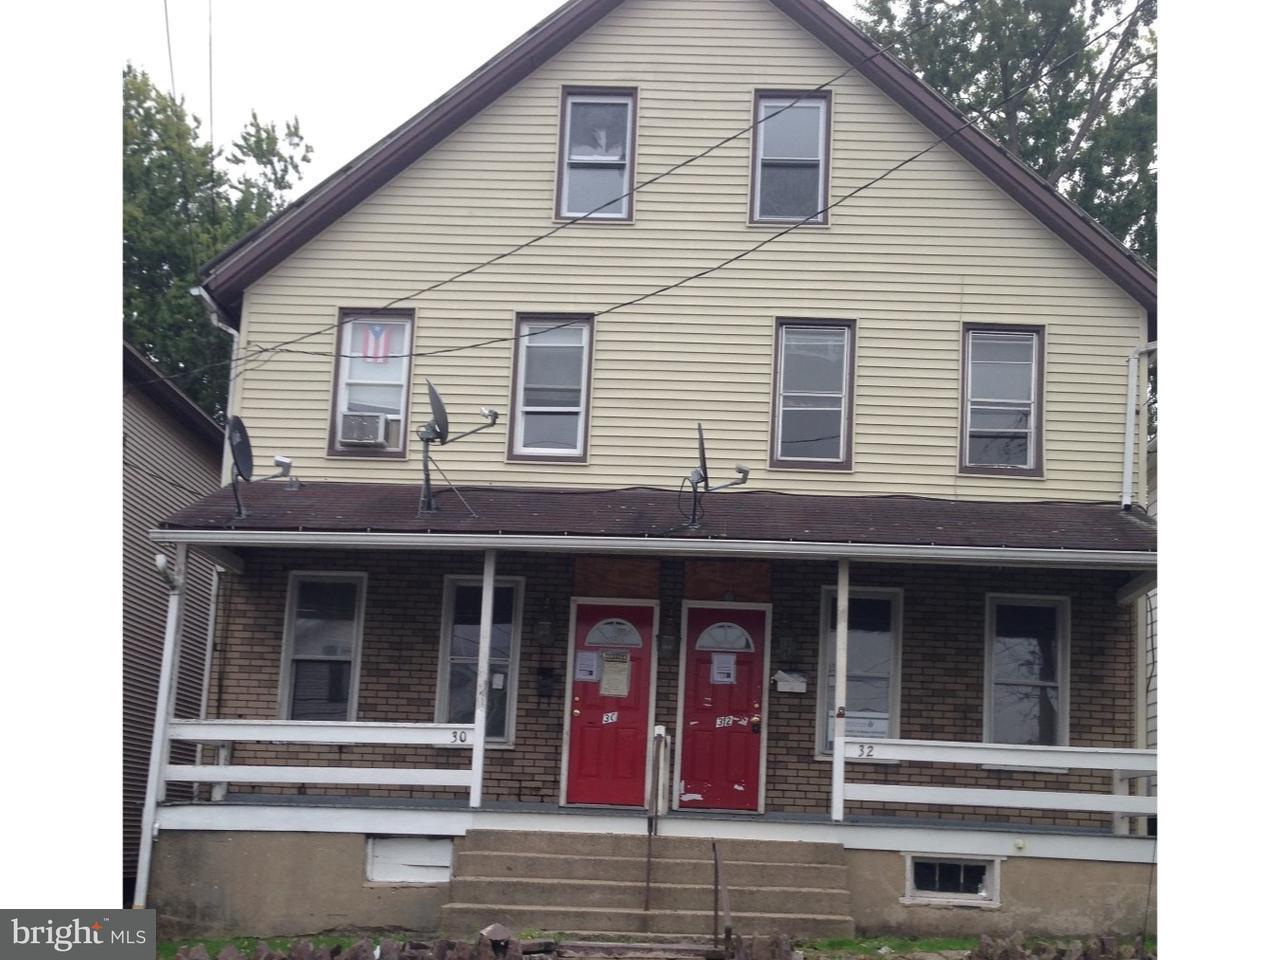 дуплекс для того Продажа на 30 MAYER ST #30-32 Wilkes Barre, Пенсильвания 18702 Соединенные Штаты